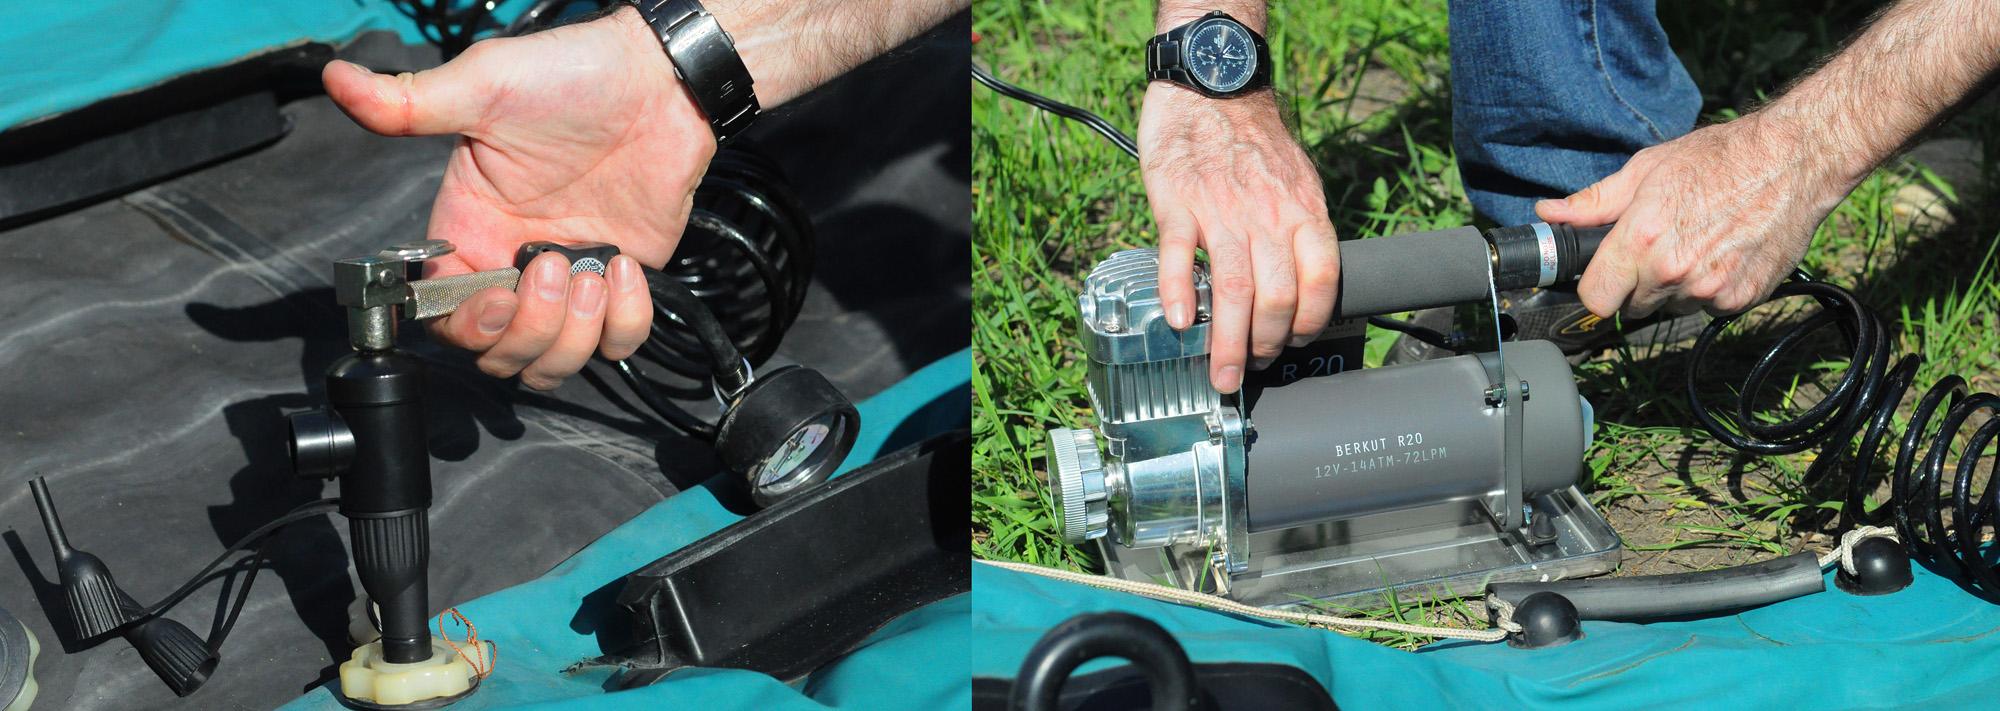 Как сделать помпу при помощи компрессора